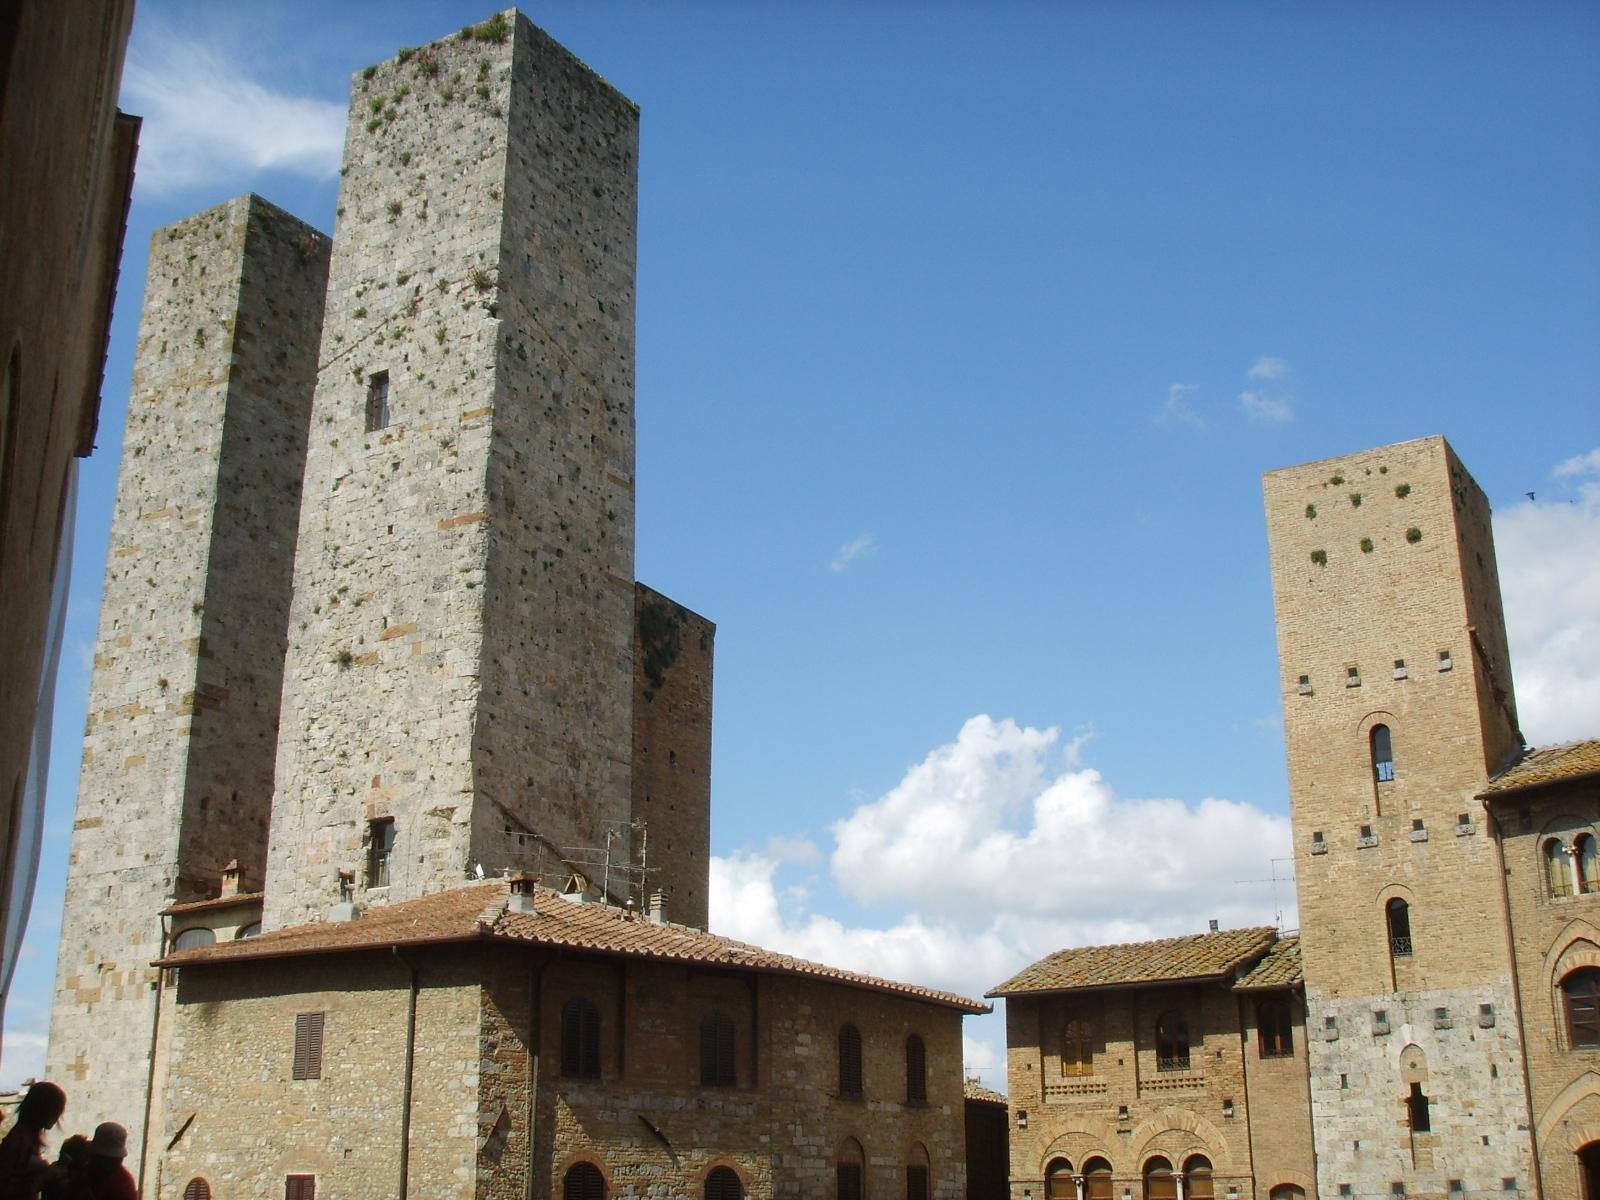 San Gimignano es un pequeño pueblo amurallado de origen medieval, erigido en lo alto de las colinas de la Toscana, en Italia, se localiza a cerca de 35 minutos en coche al noroeste de la ciudad de Siena y cerca de la misma distancia al suroeste de la ciudad de Florencia. Este pueblo es muy famoso principalmente por su arquitectura medieval especialmente sus torres. El «centro histórico de San Gimignano» ha sido declarado Patrimonio de la Humanidad por la Unesco en el año 1990, con número de identificación 550.